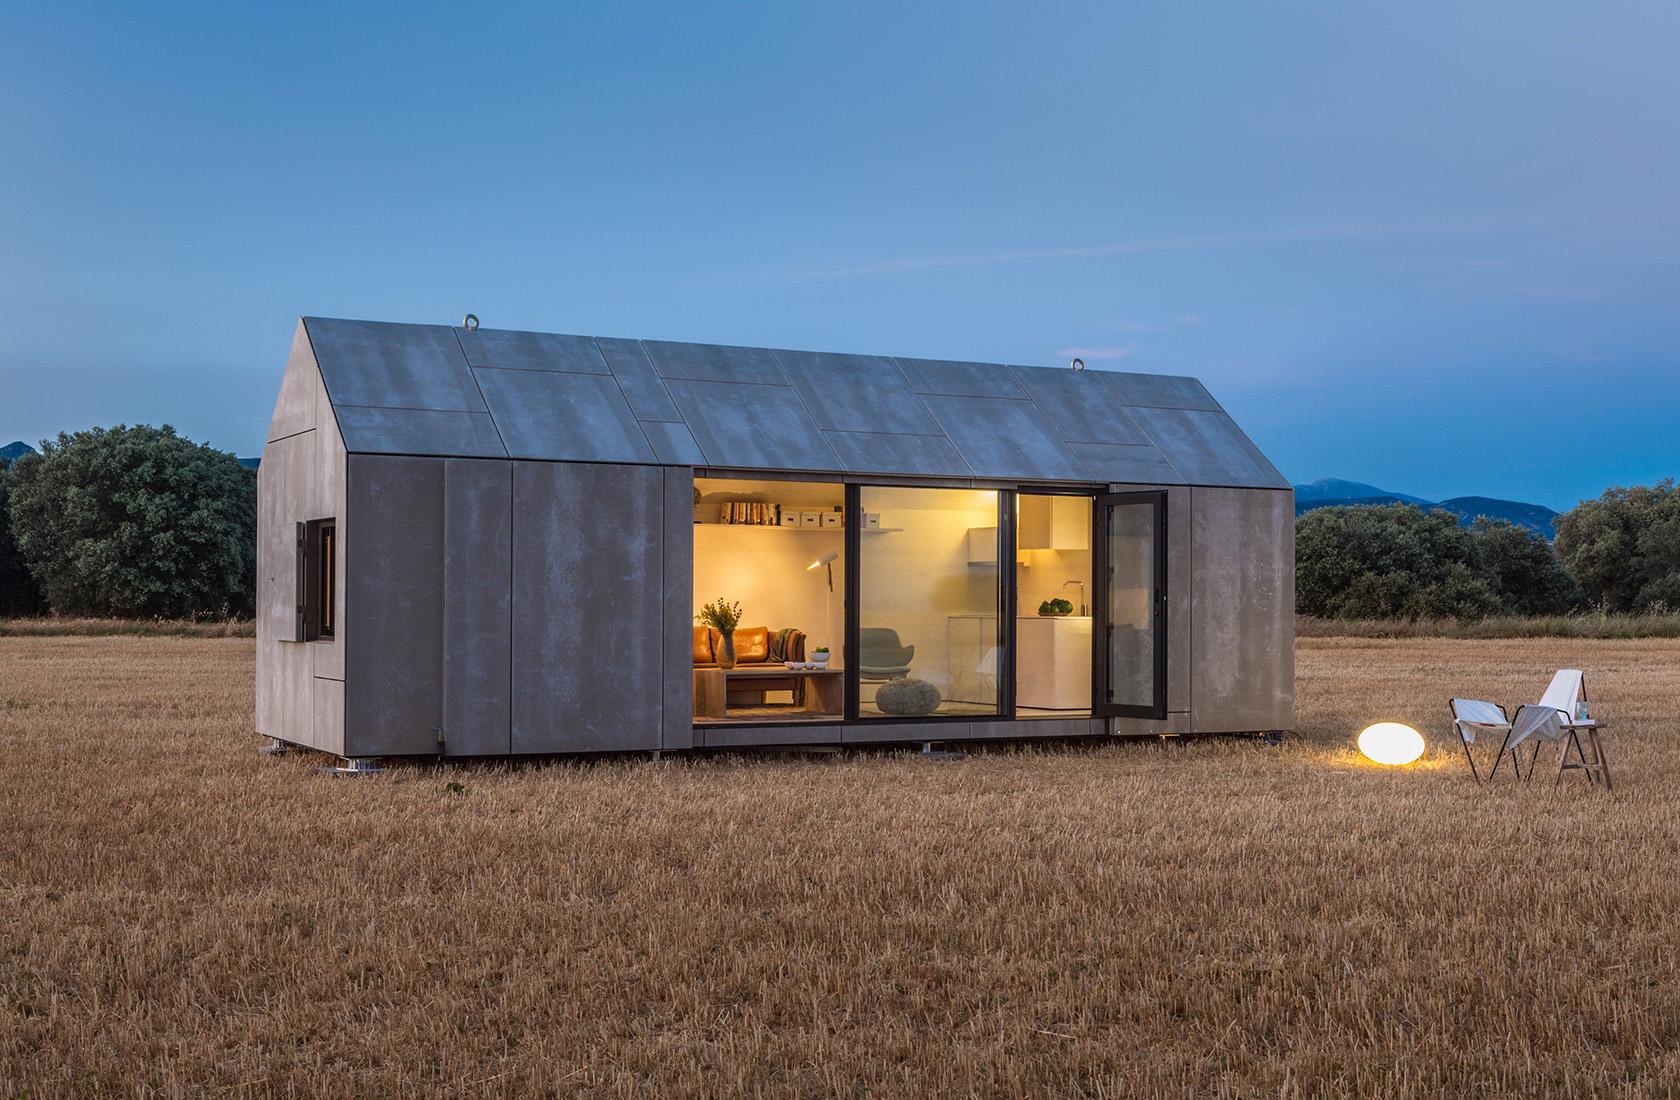 Vista exterior de la vivienda prefabricada transportable en madera aph80